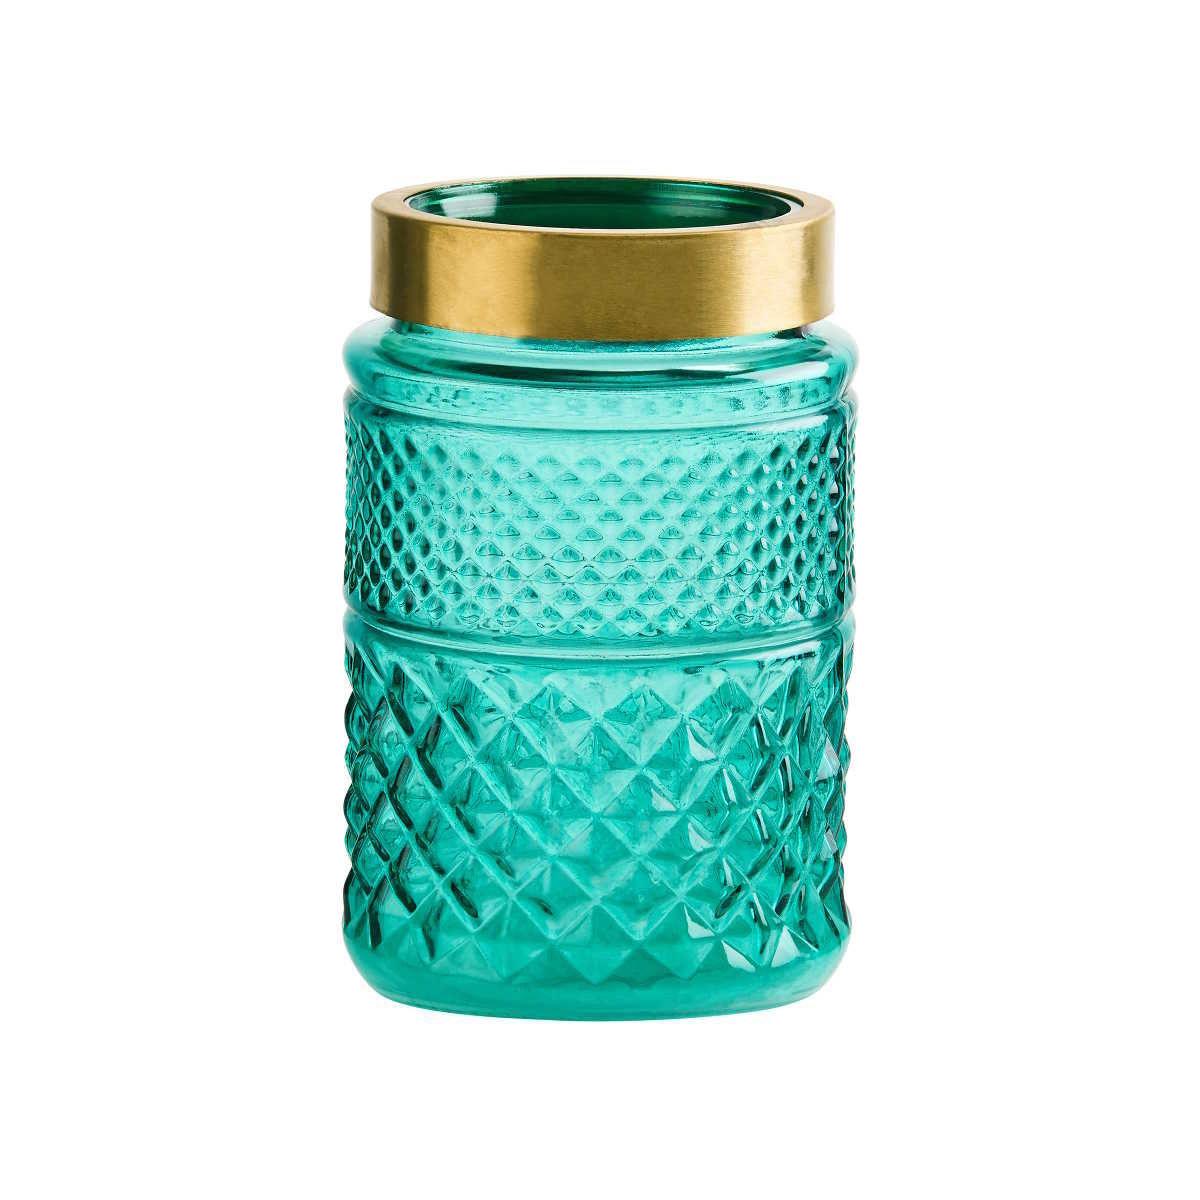 Bild 1 von Vase 20 cm